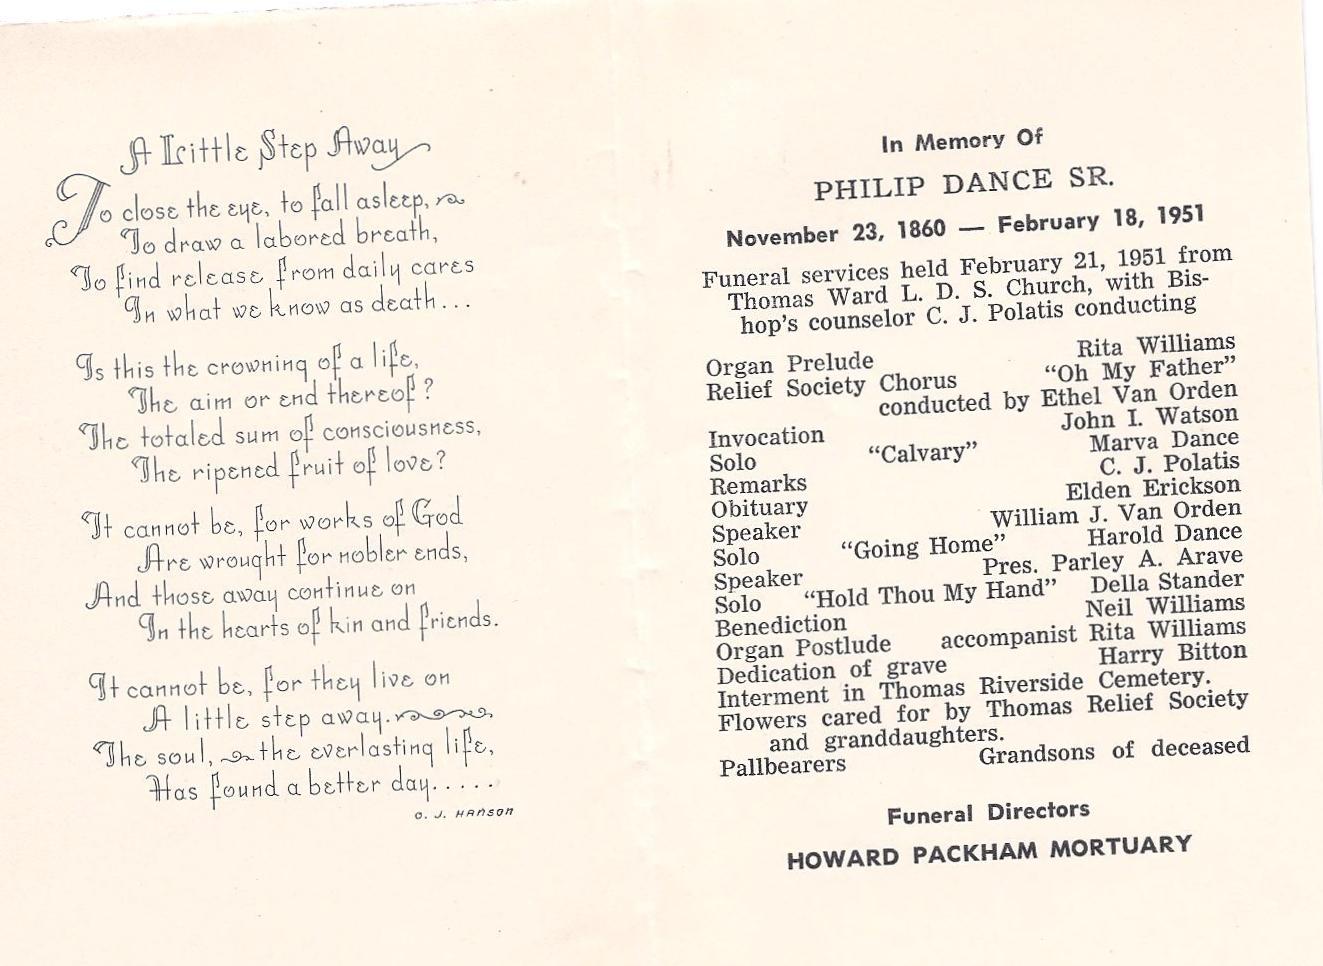 Philip Dance